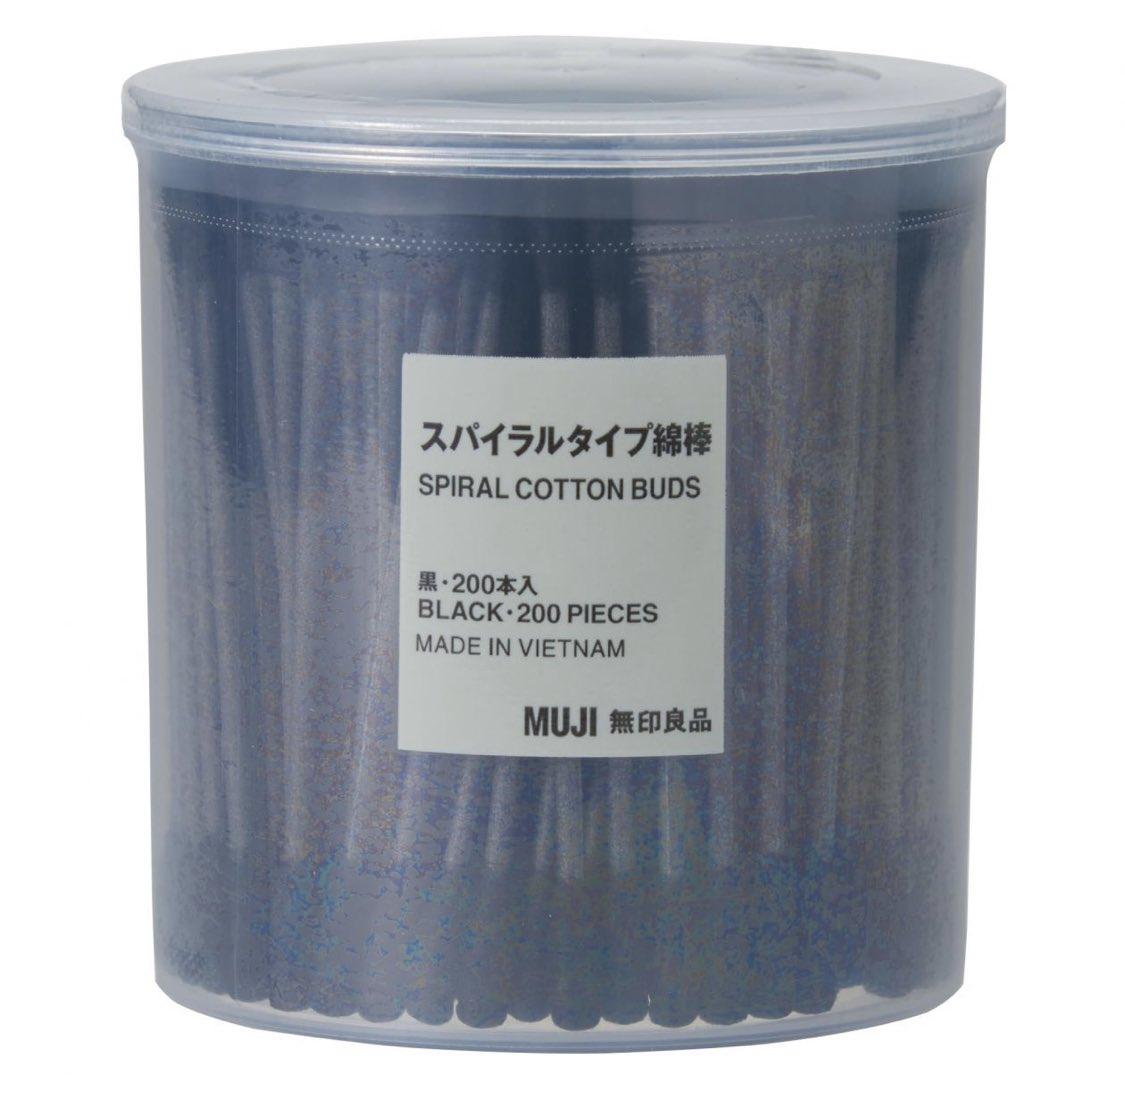 韓国コスメではないけど、凄くおすすめしたいのがこの無印のスパイラルタイプ綿棒 黒200本入。汚れがわかりやすい黒い綿棒、キトサン抗菌加工。ただ汚れが分かりやすいだけではなく紙棒の弾力と綿の加減がとても良く見たことない耳の汚れまで取ってくれます。個人的に常に三箱ストックしてます。